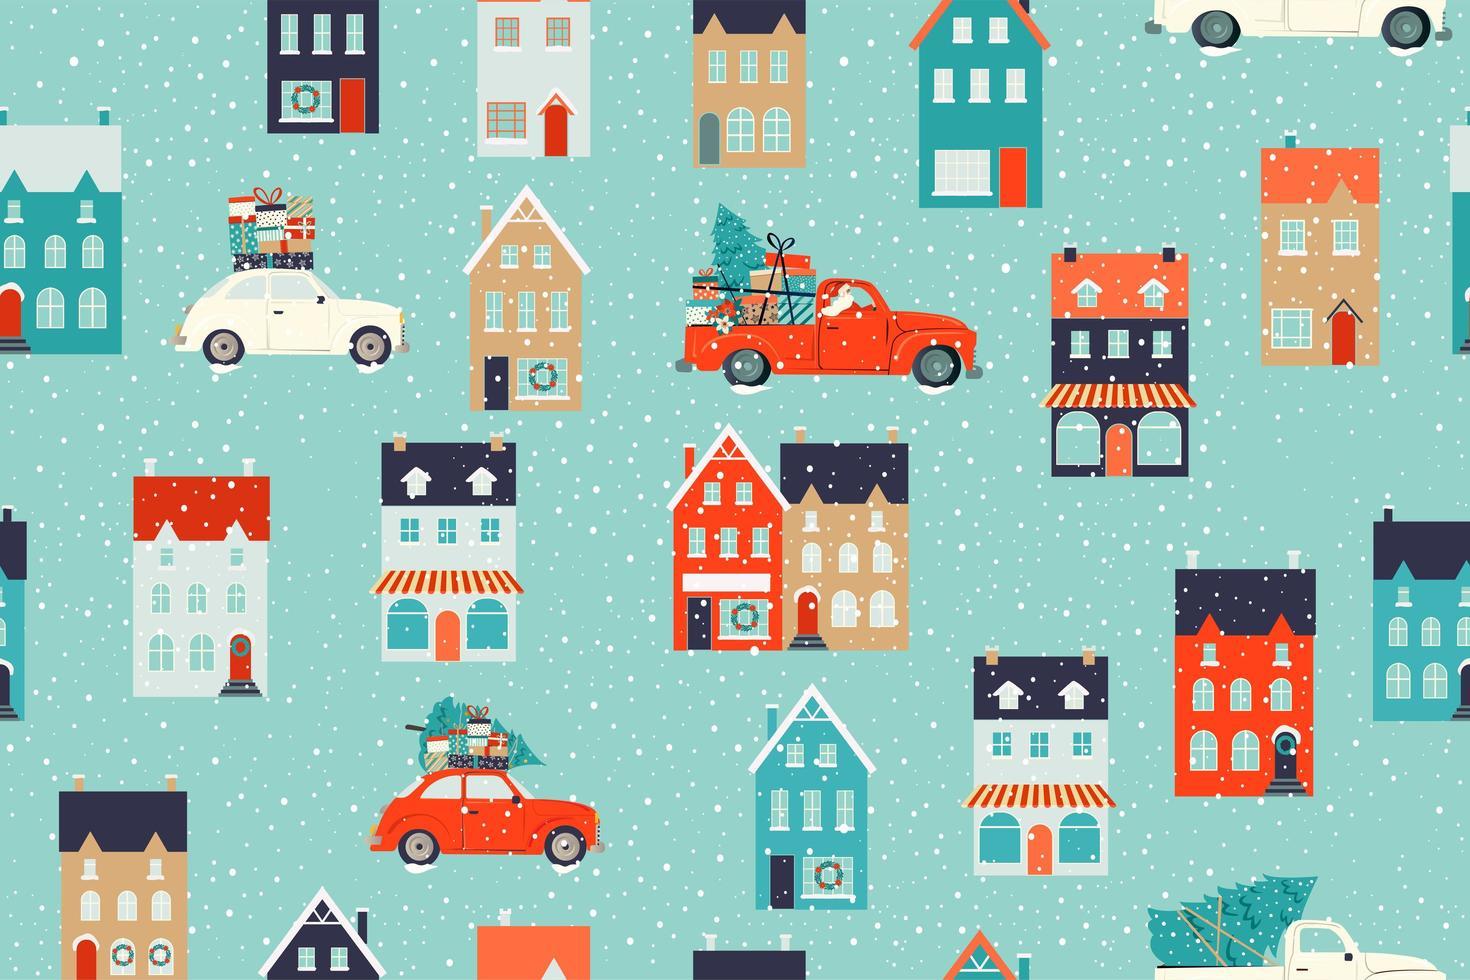 winterhuizen voor kerst en rode retro auto met een dennenboom en geschenken. kerststoffen en decor. naadloze patroon. vector